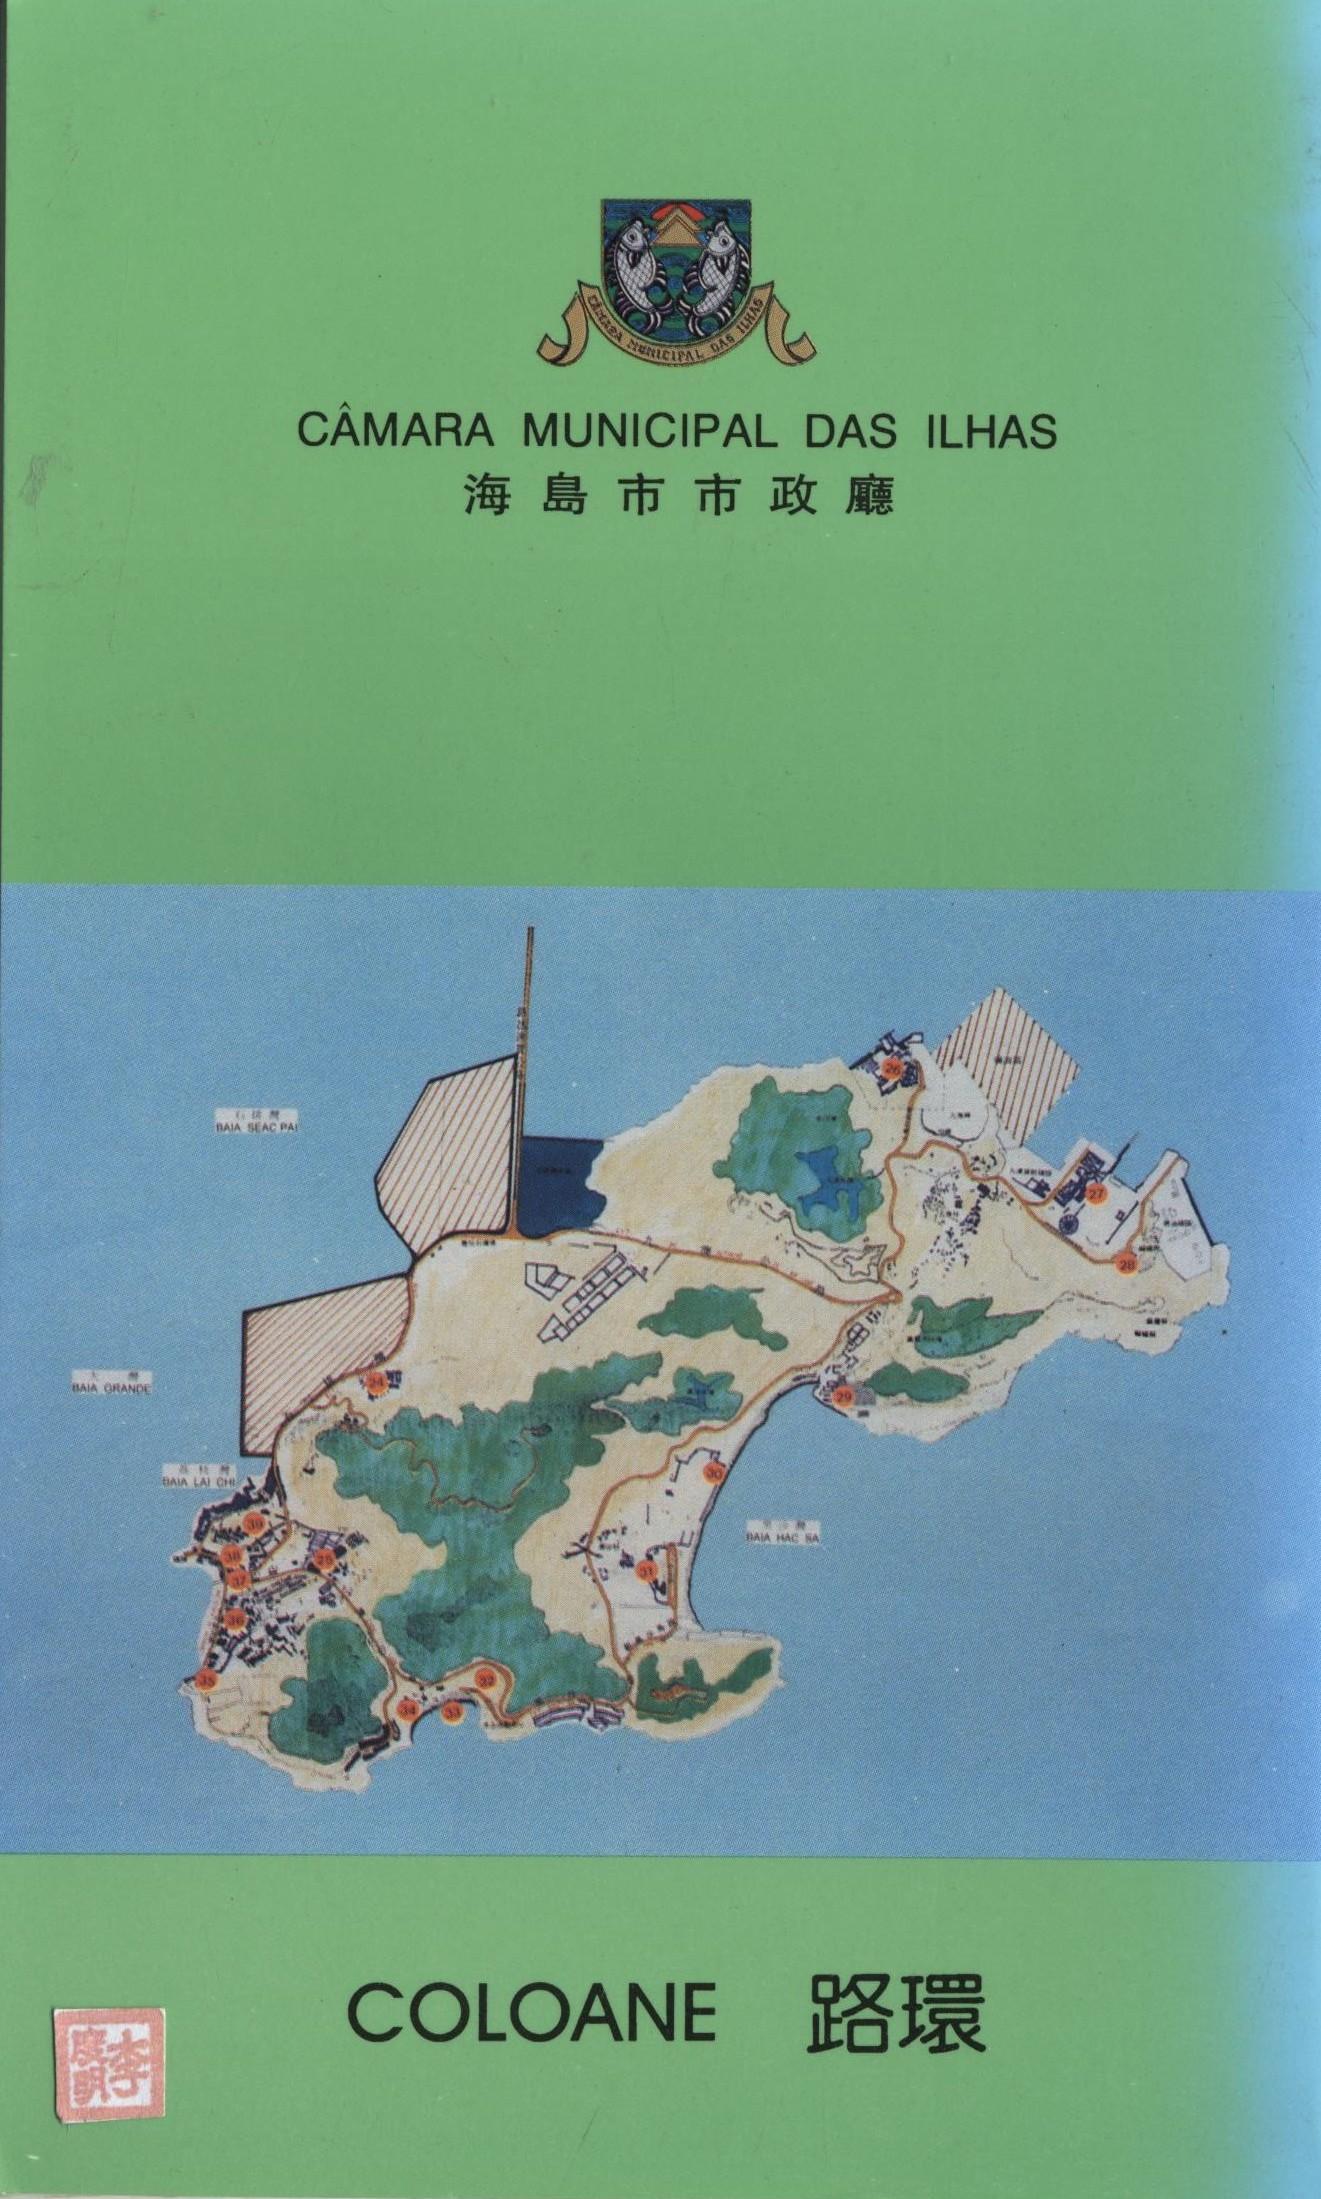 COLOANE Mapa Turístico 1991 verso